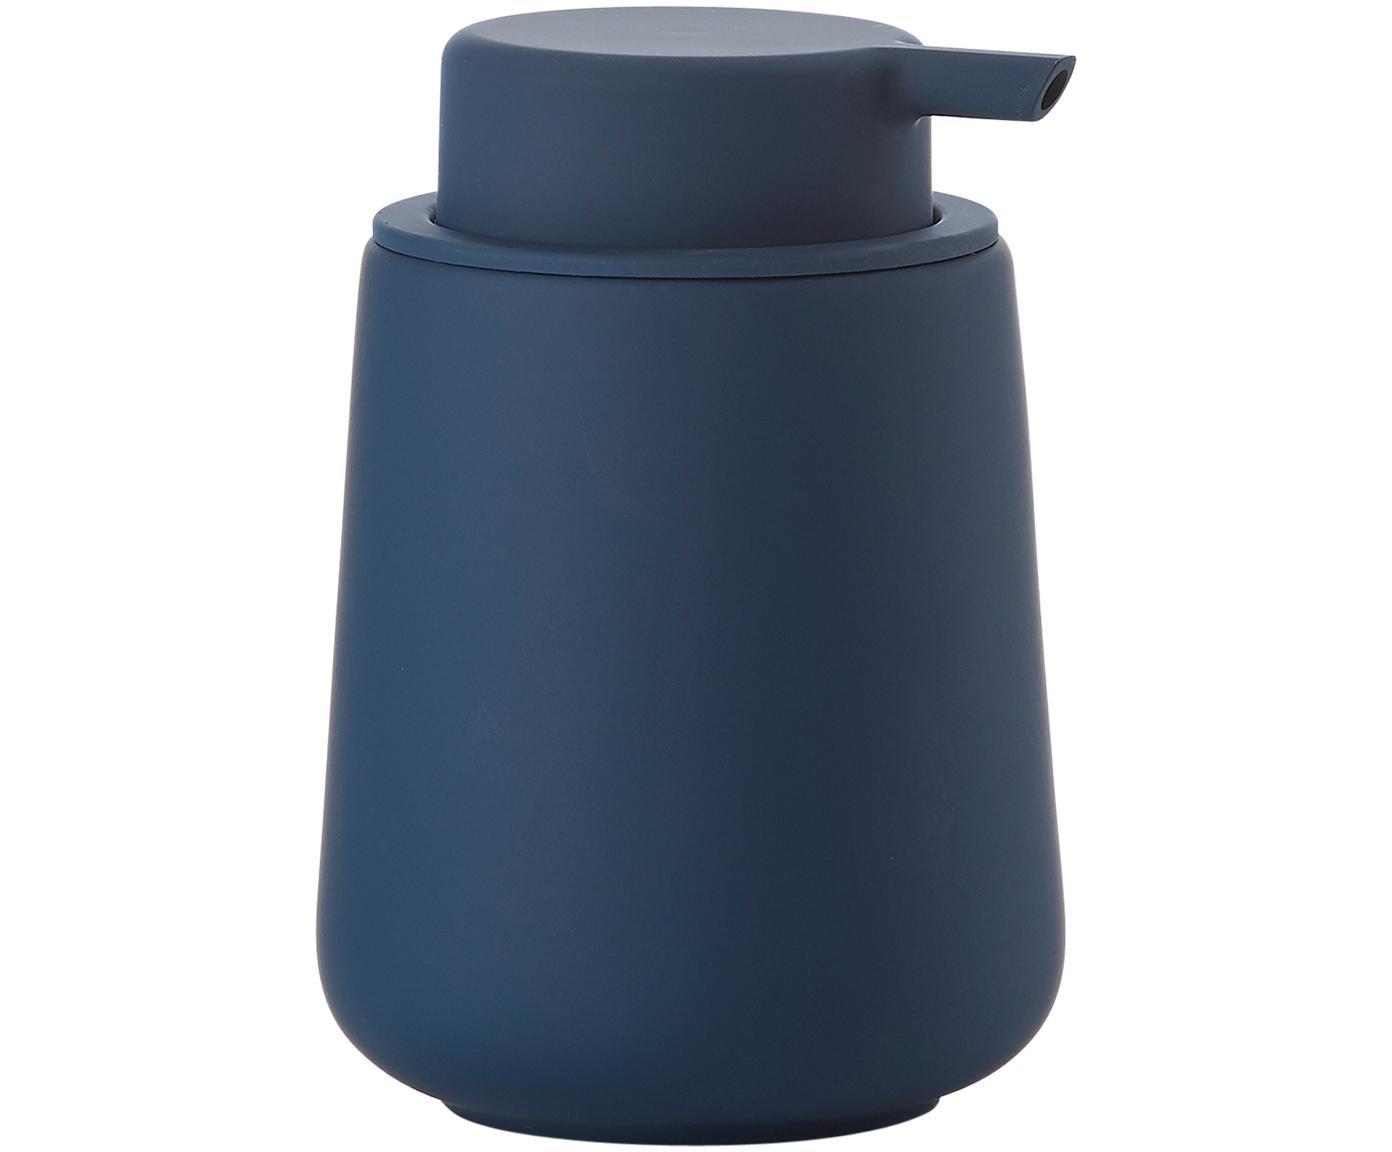 Dosificador de jabón Push, Recipiente: porcelana, Dosificador: plástico, Azul, Ø 8 x Al 12 cm